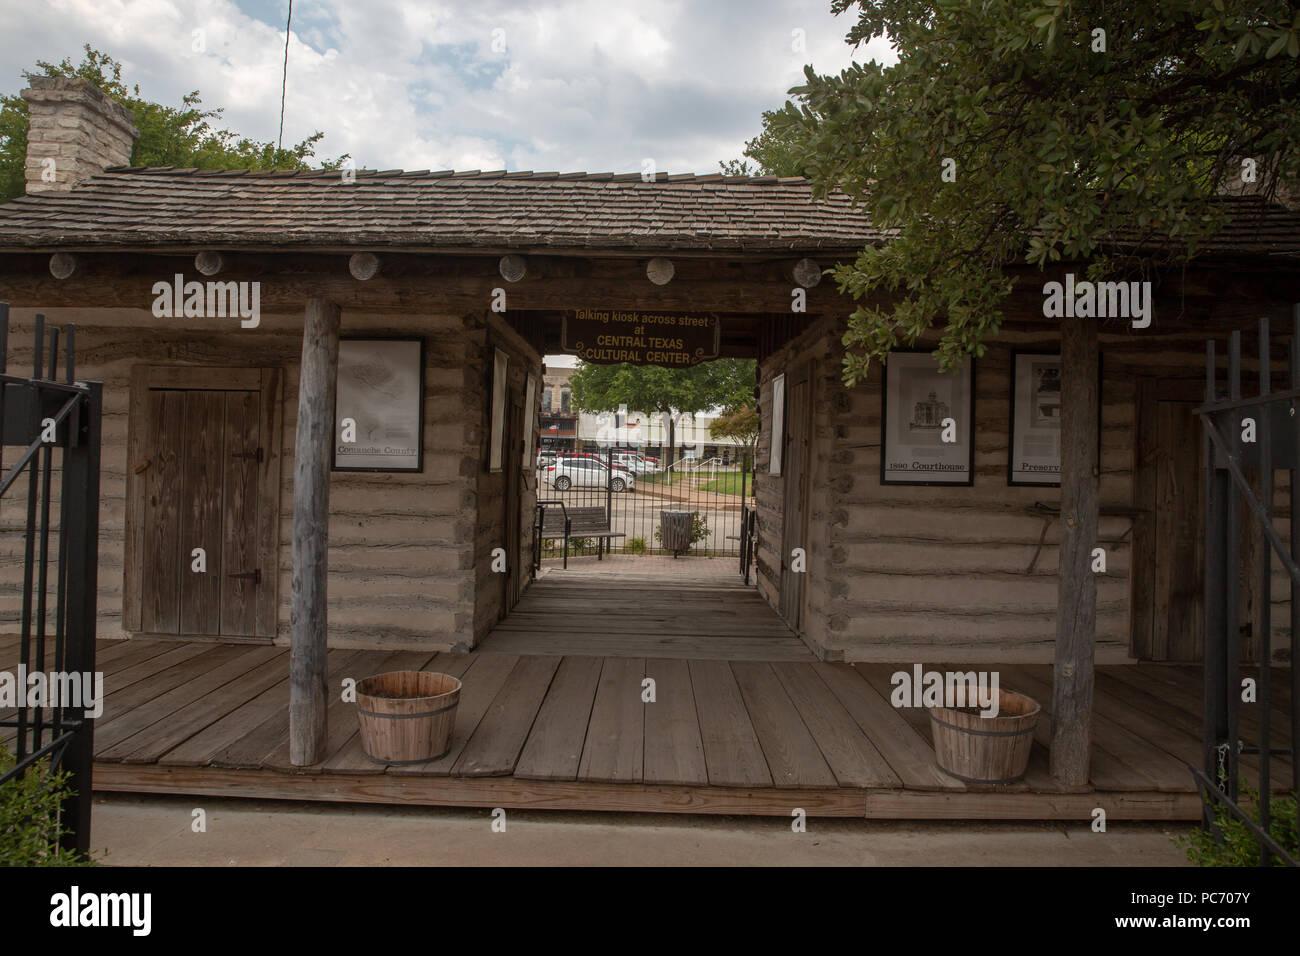 Comanche Texas Stock Photos & Comanche Texas Stock Images - Alamy